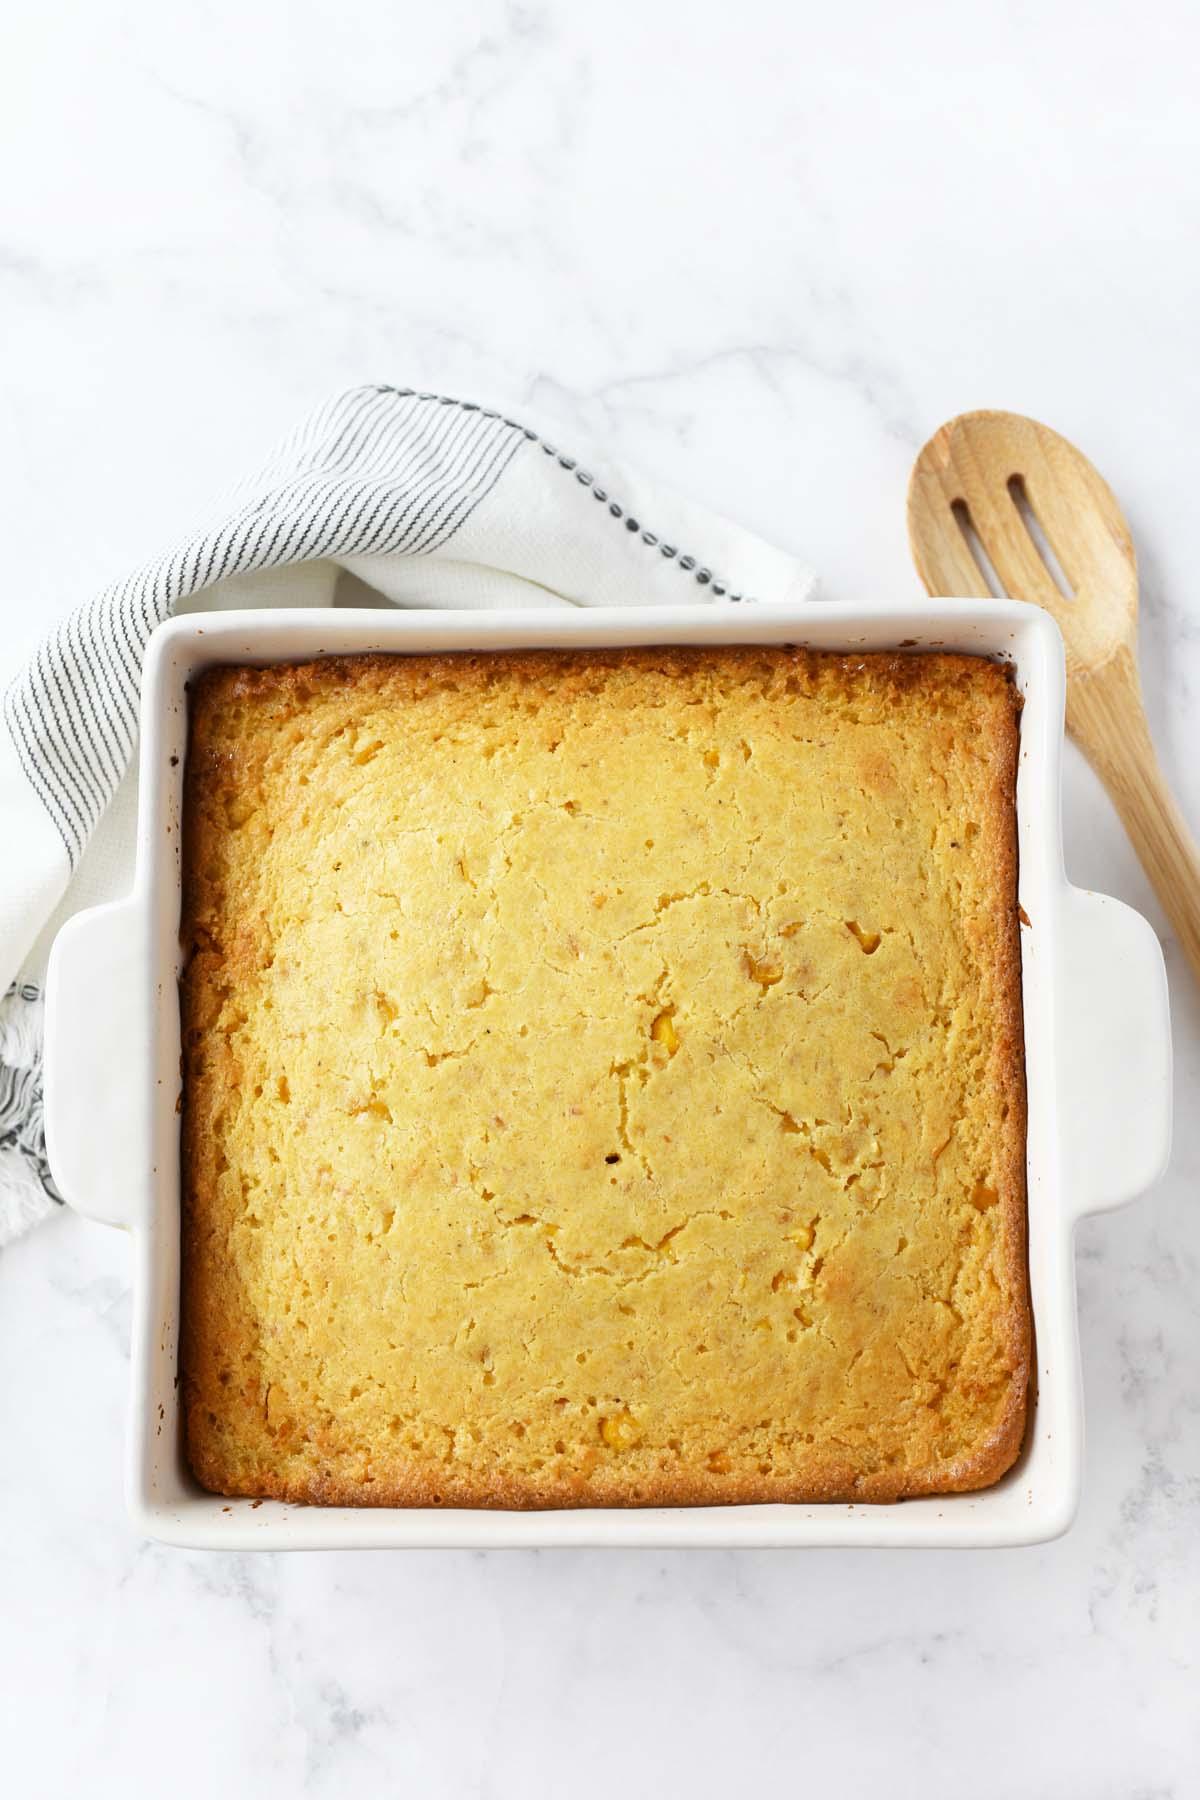 Jiffy corn casserole in a white baker.